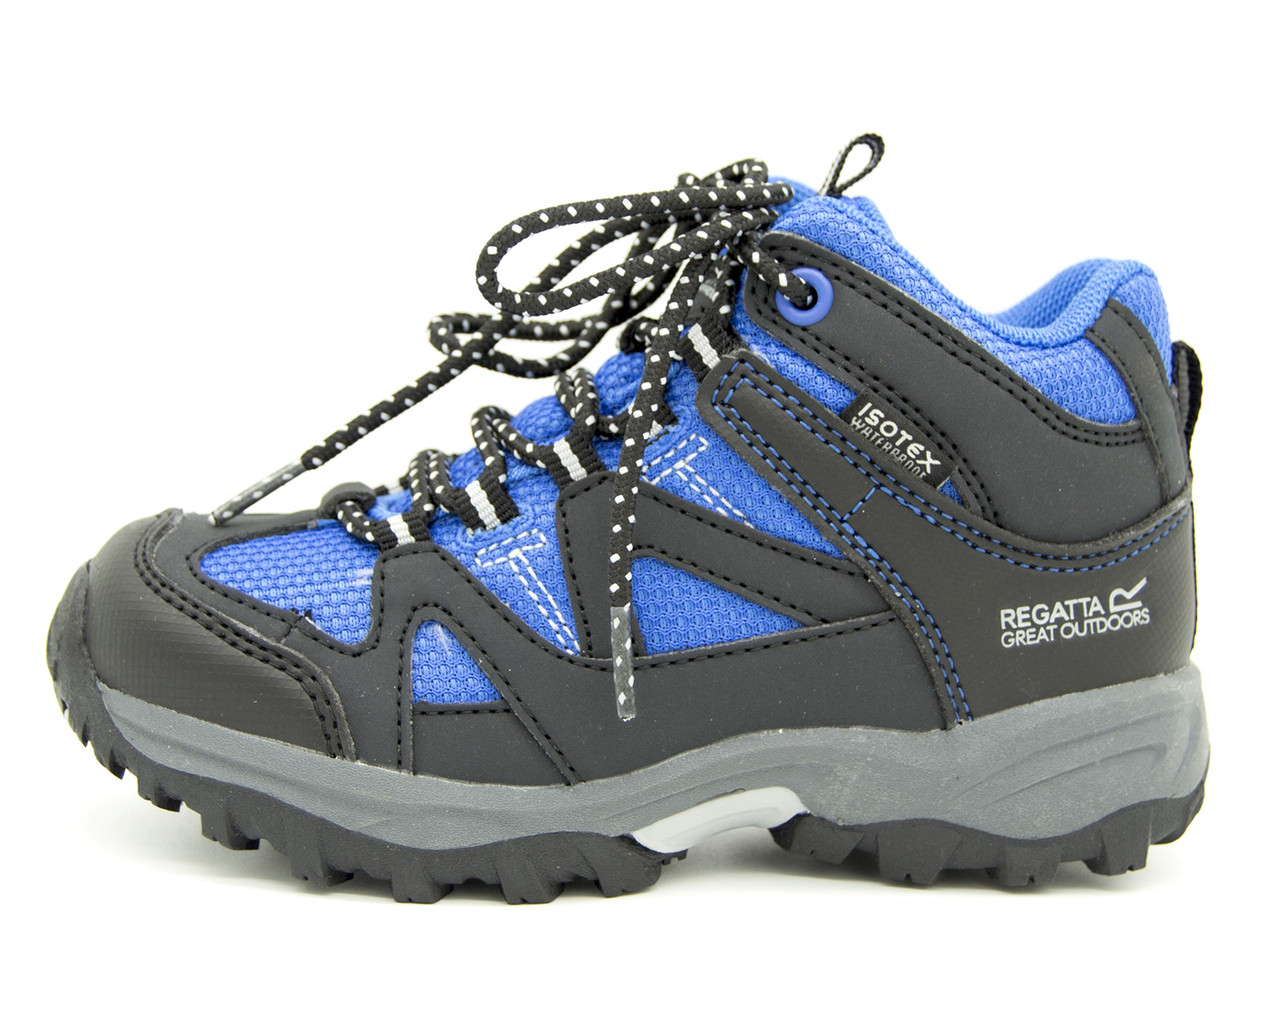 Ботинки Regatta Gatlin Mid JNR Размеры: 28 (17,5 см); 29 (18,5 см); 30 (19 см)